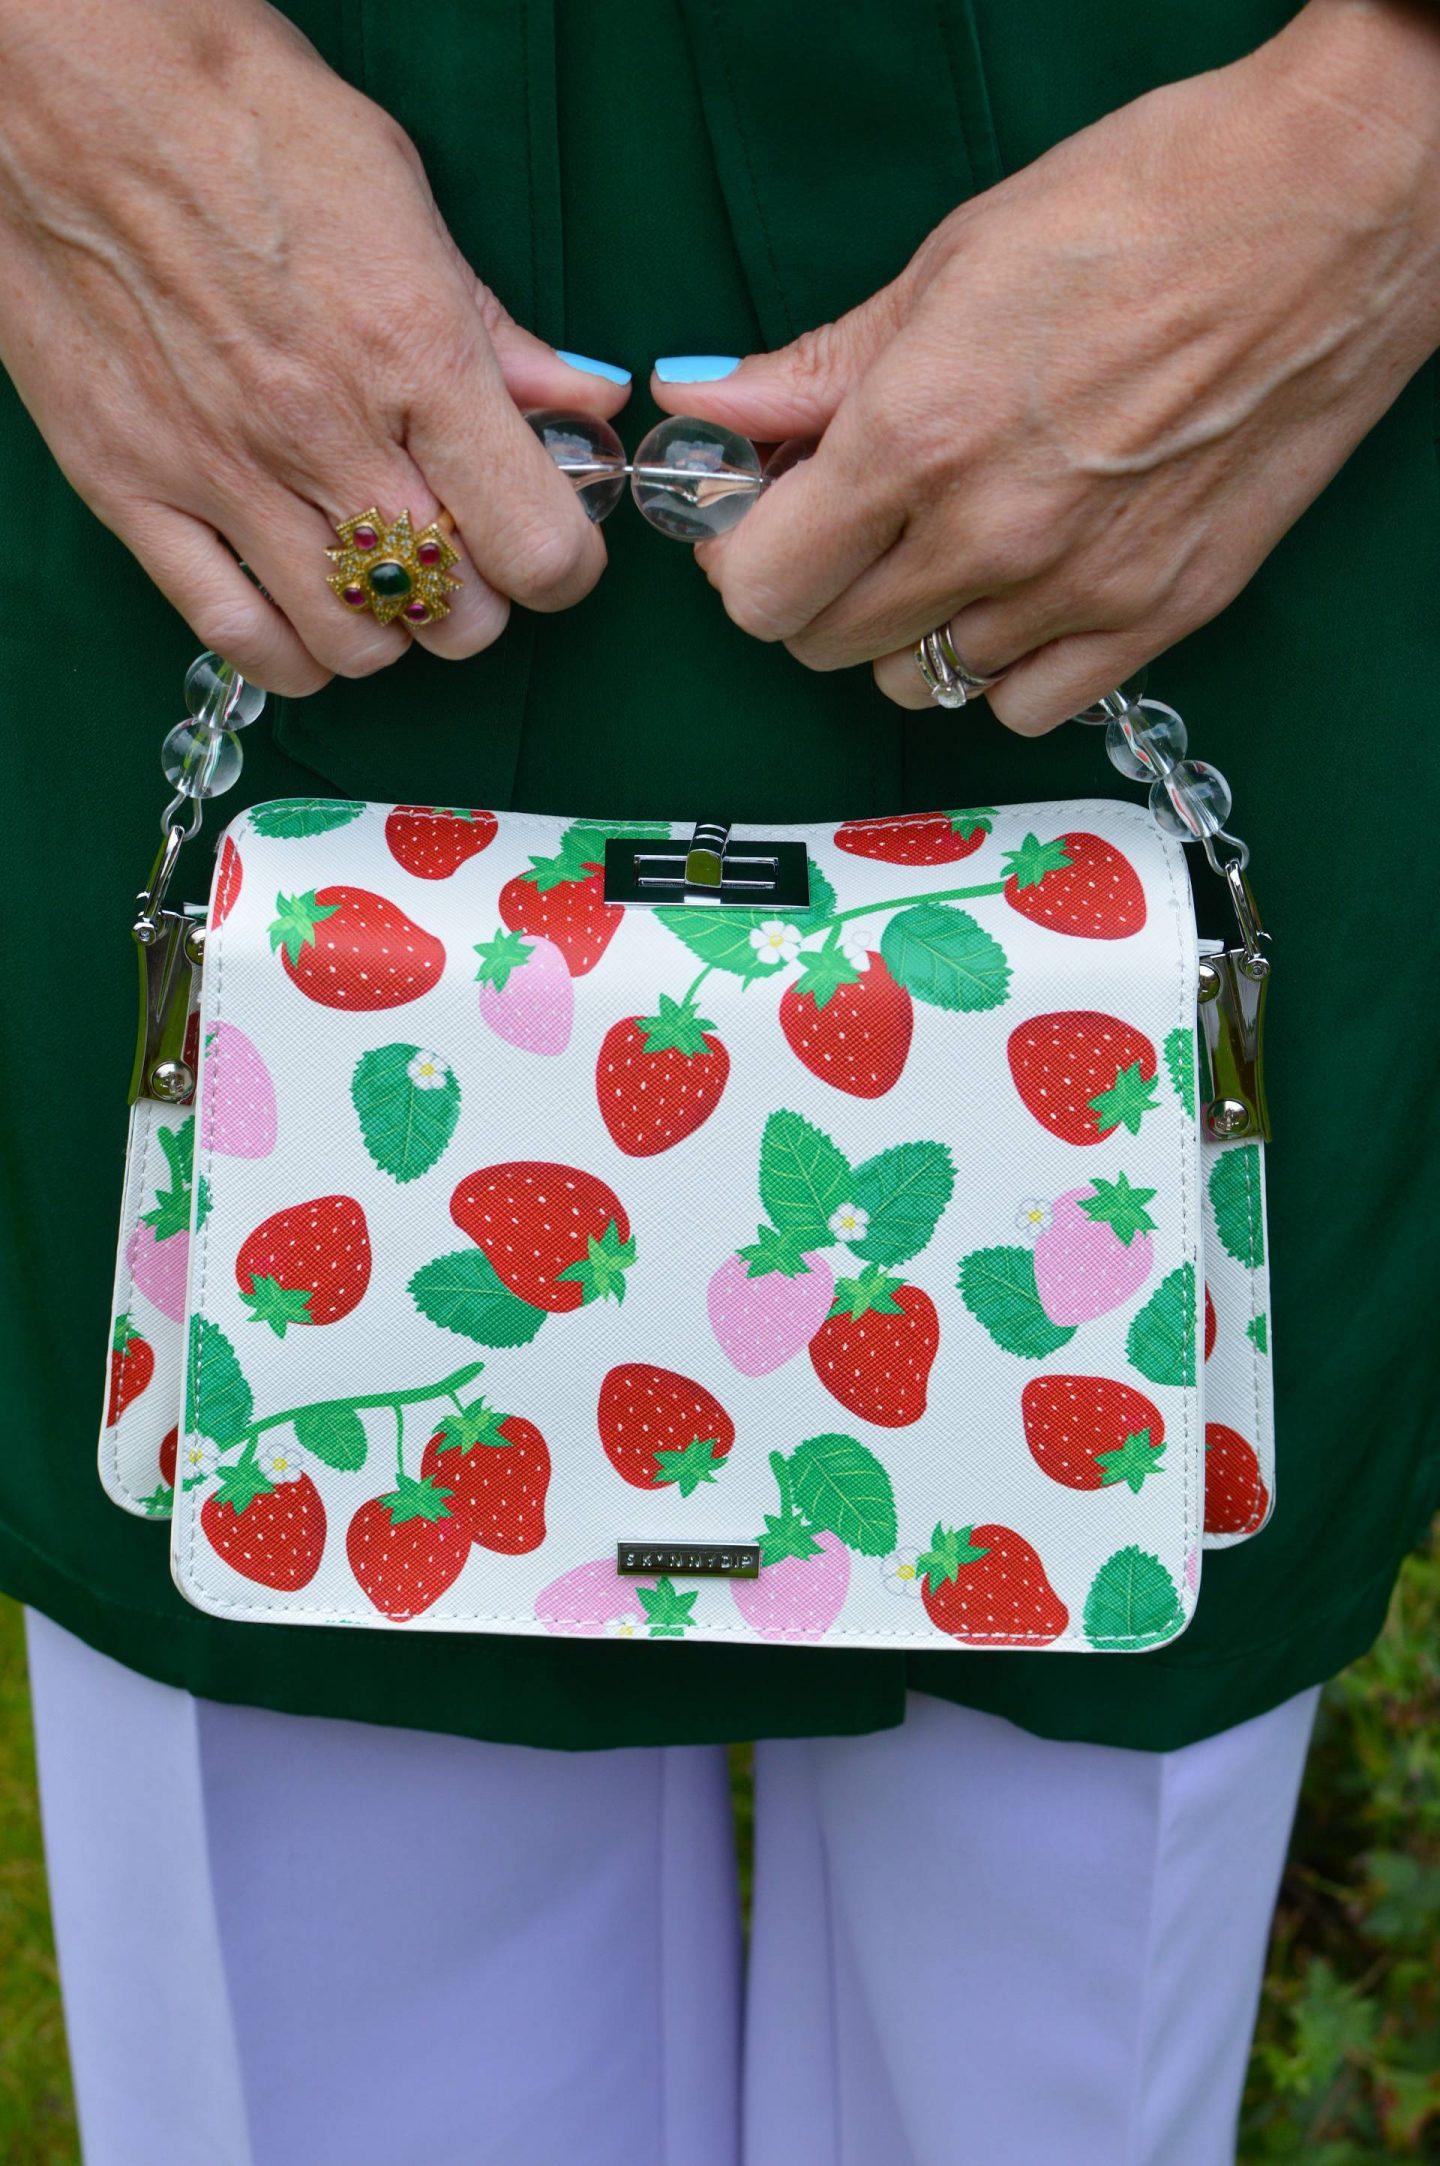 Skinny Dip strawberry print bag